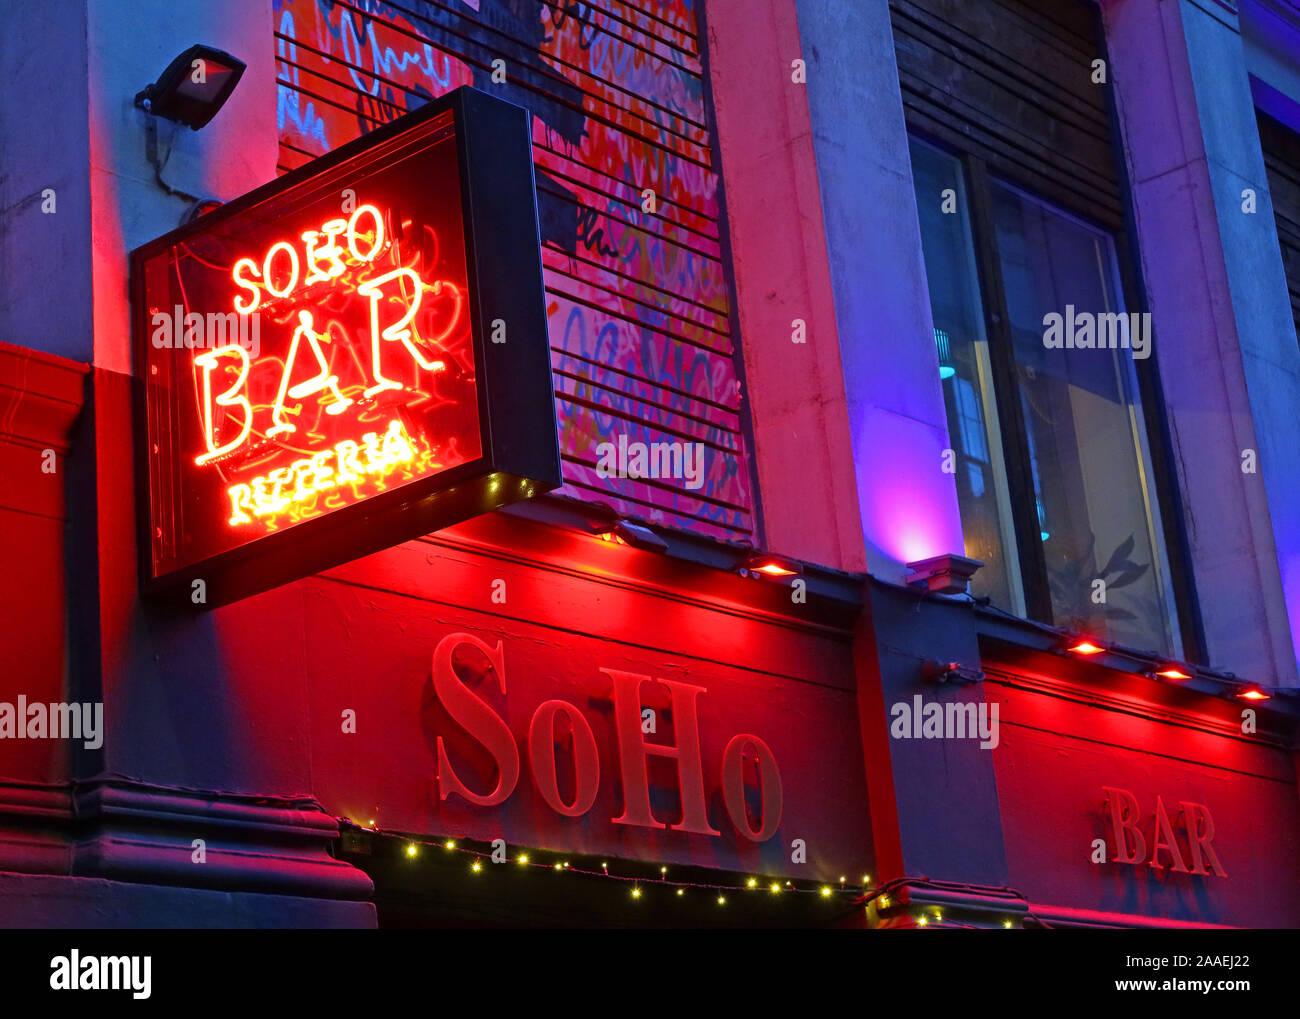 Dieses Stockfoto: SoHo Bar, Soho Pizzeria & Cocktail Bar, rote Leuchtreklame, 84 Miller St, Stadtzentrum, Glasgow, Schottland, Großbritannien, G1 1DT - 2AAEJ2